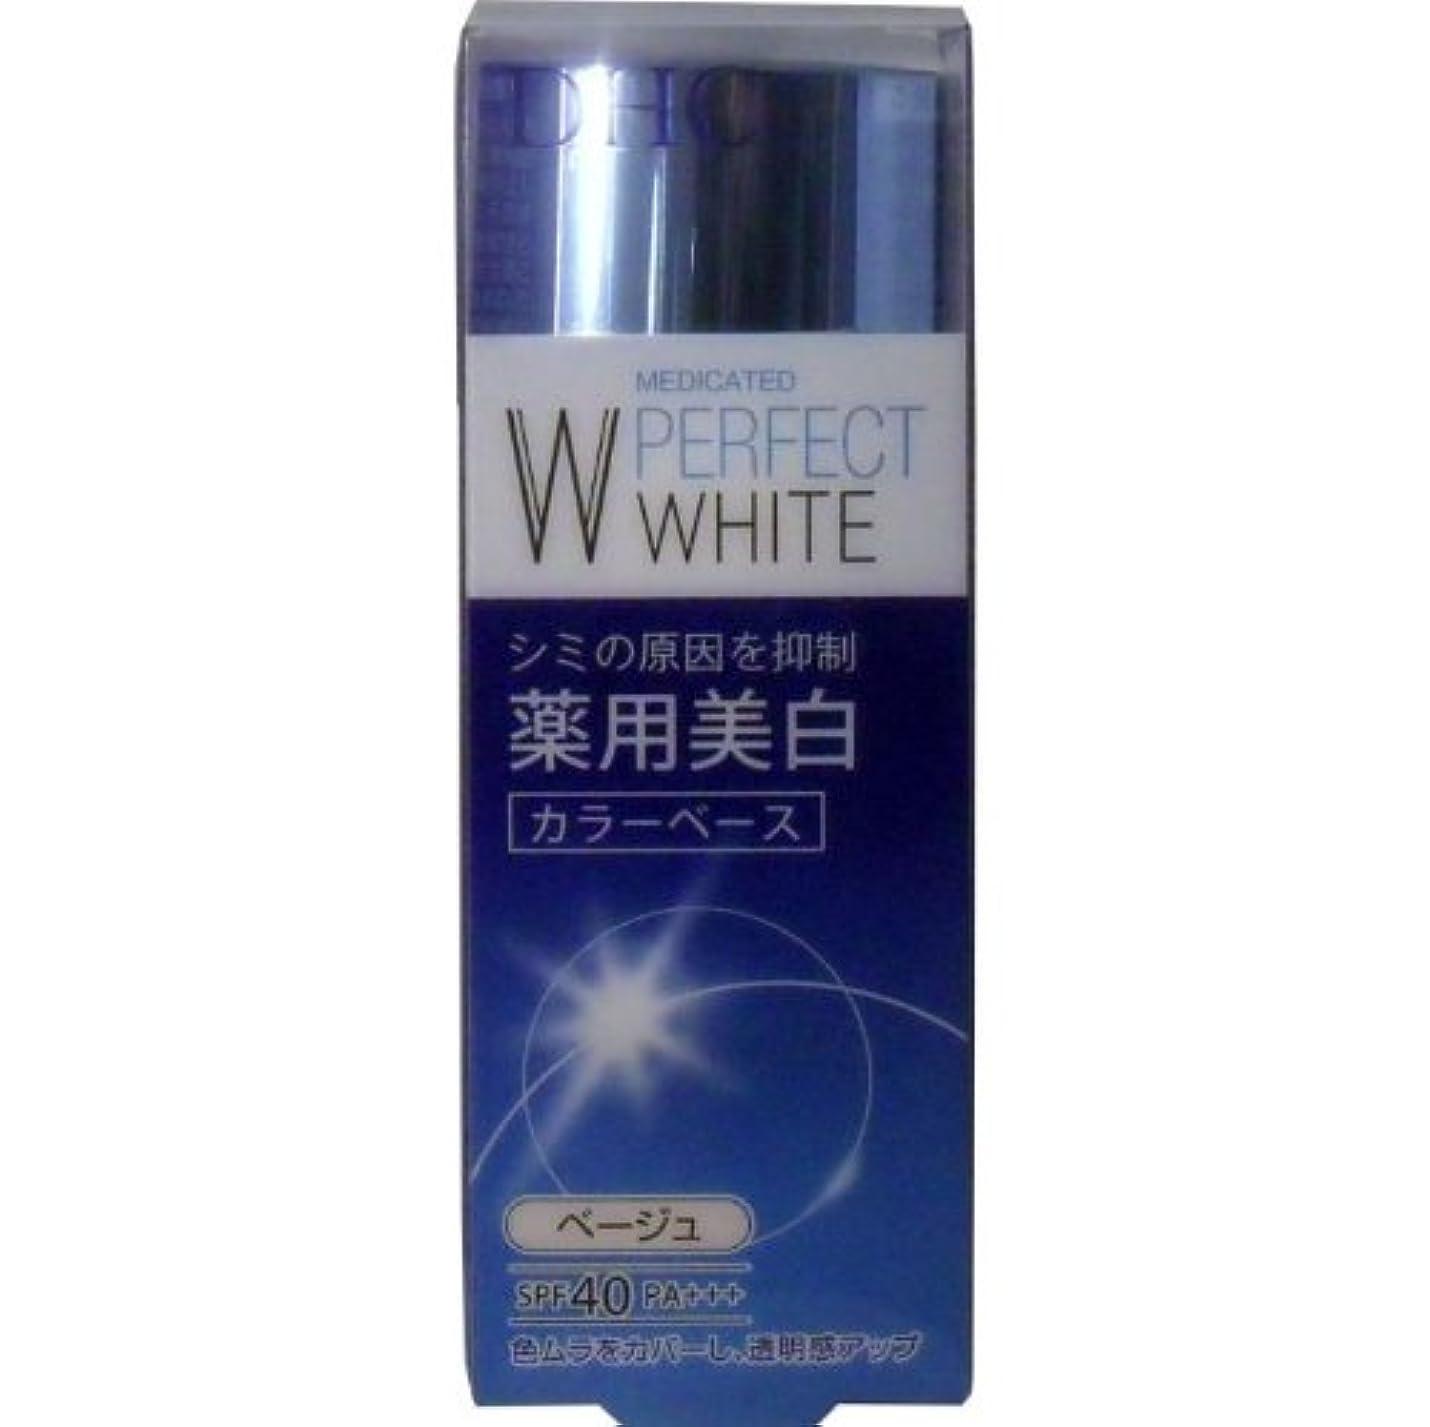 調和おひねりDHC 薬用美白パーフェクトホワイト カラーベース ベージュ 30g